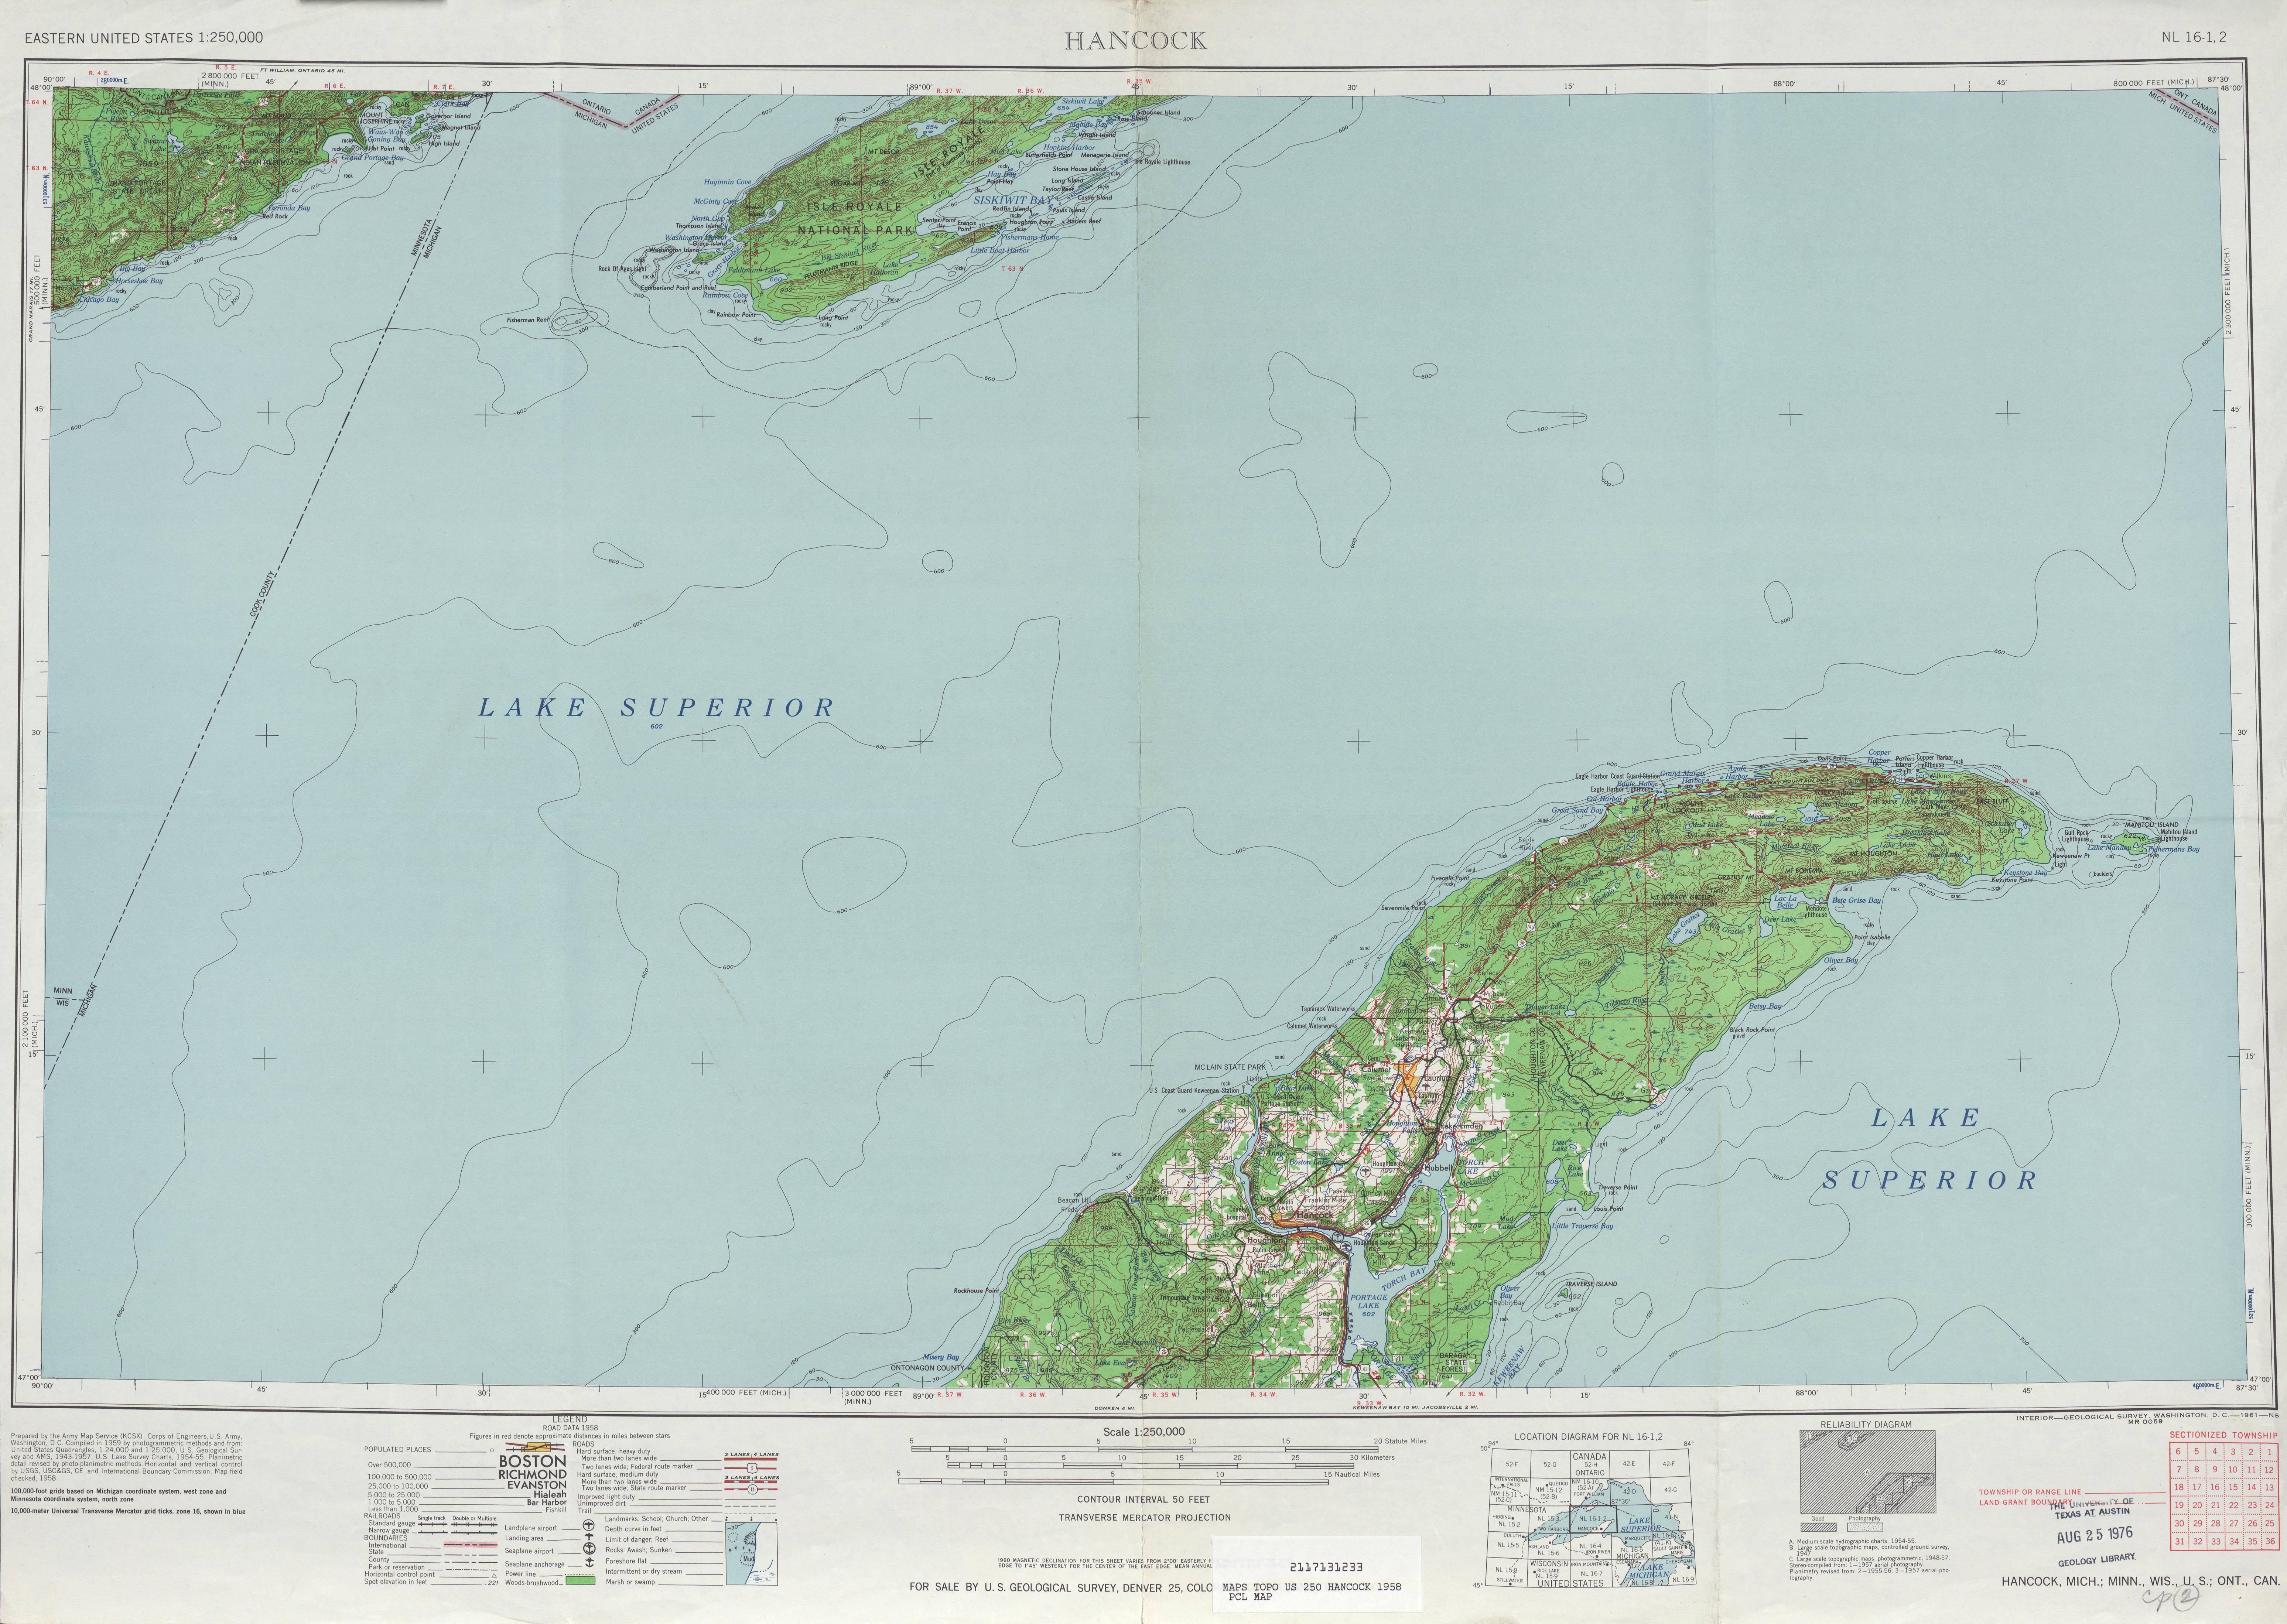 Hoja Hancock del Mapa Topográfico de los Estados Unidos 1958